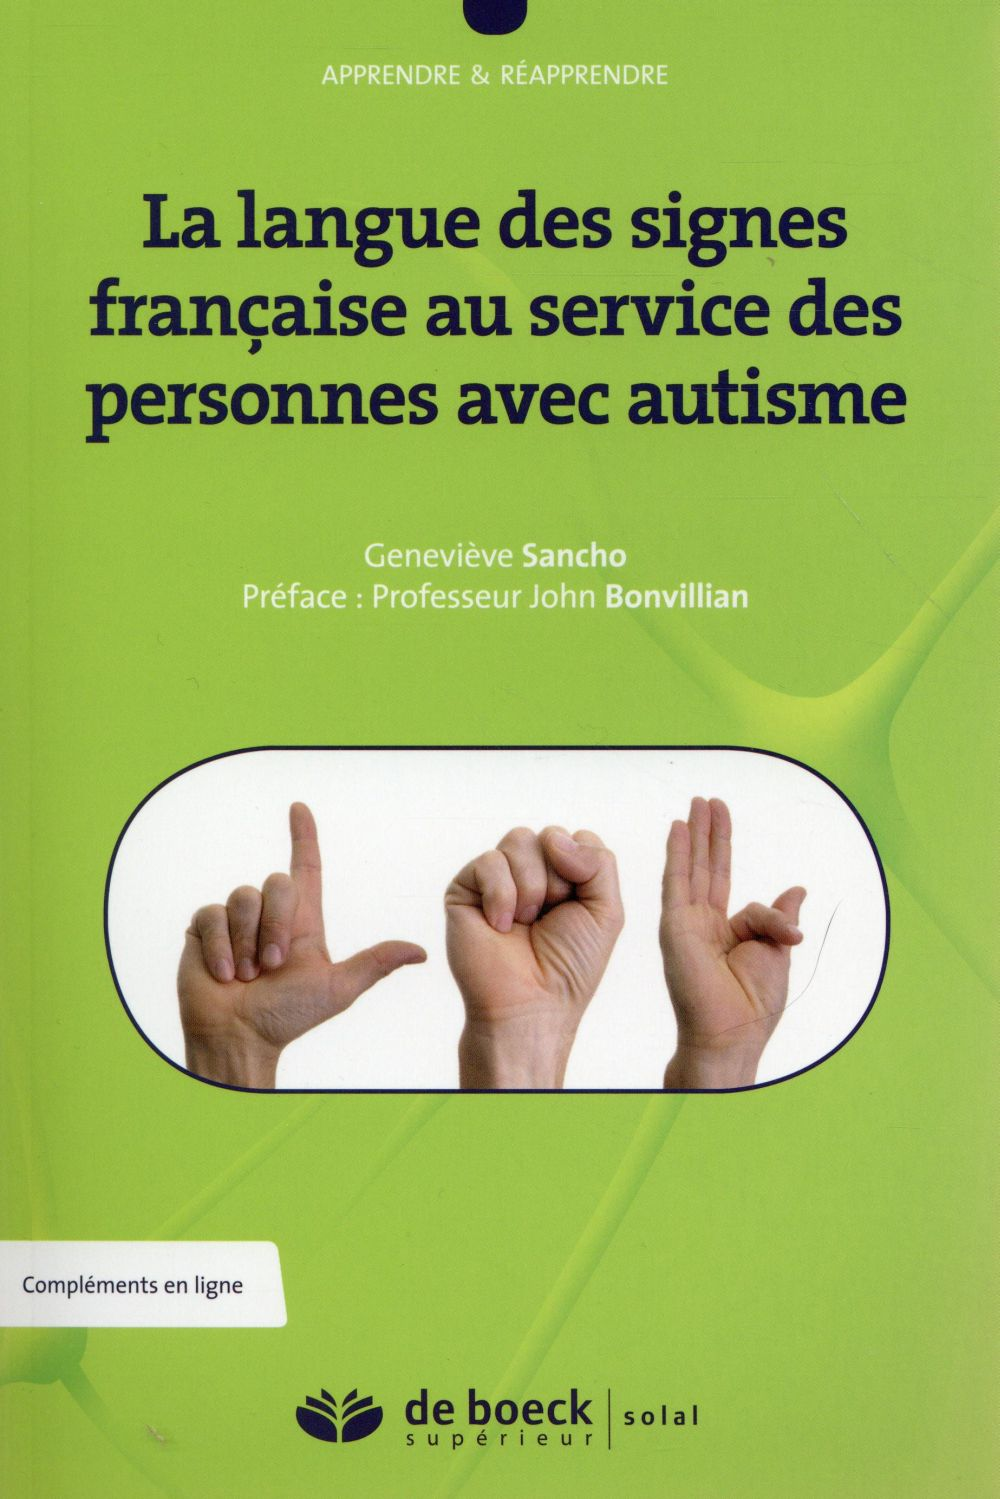 La langue des signes française au service des personnes avec autisme